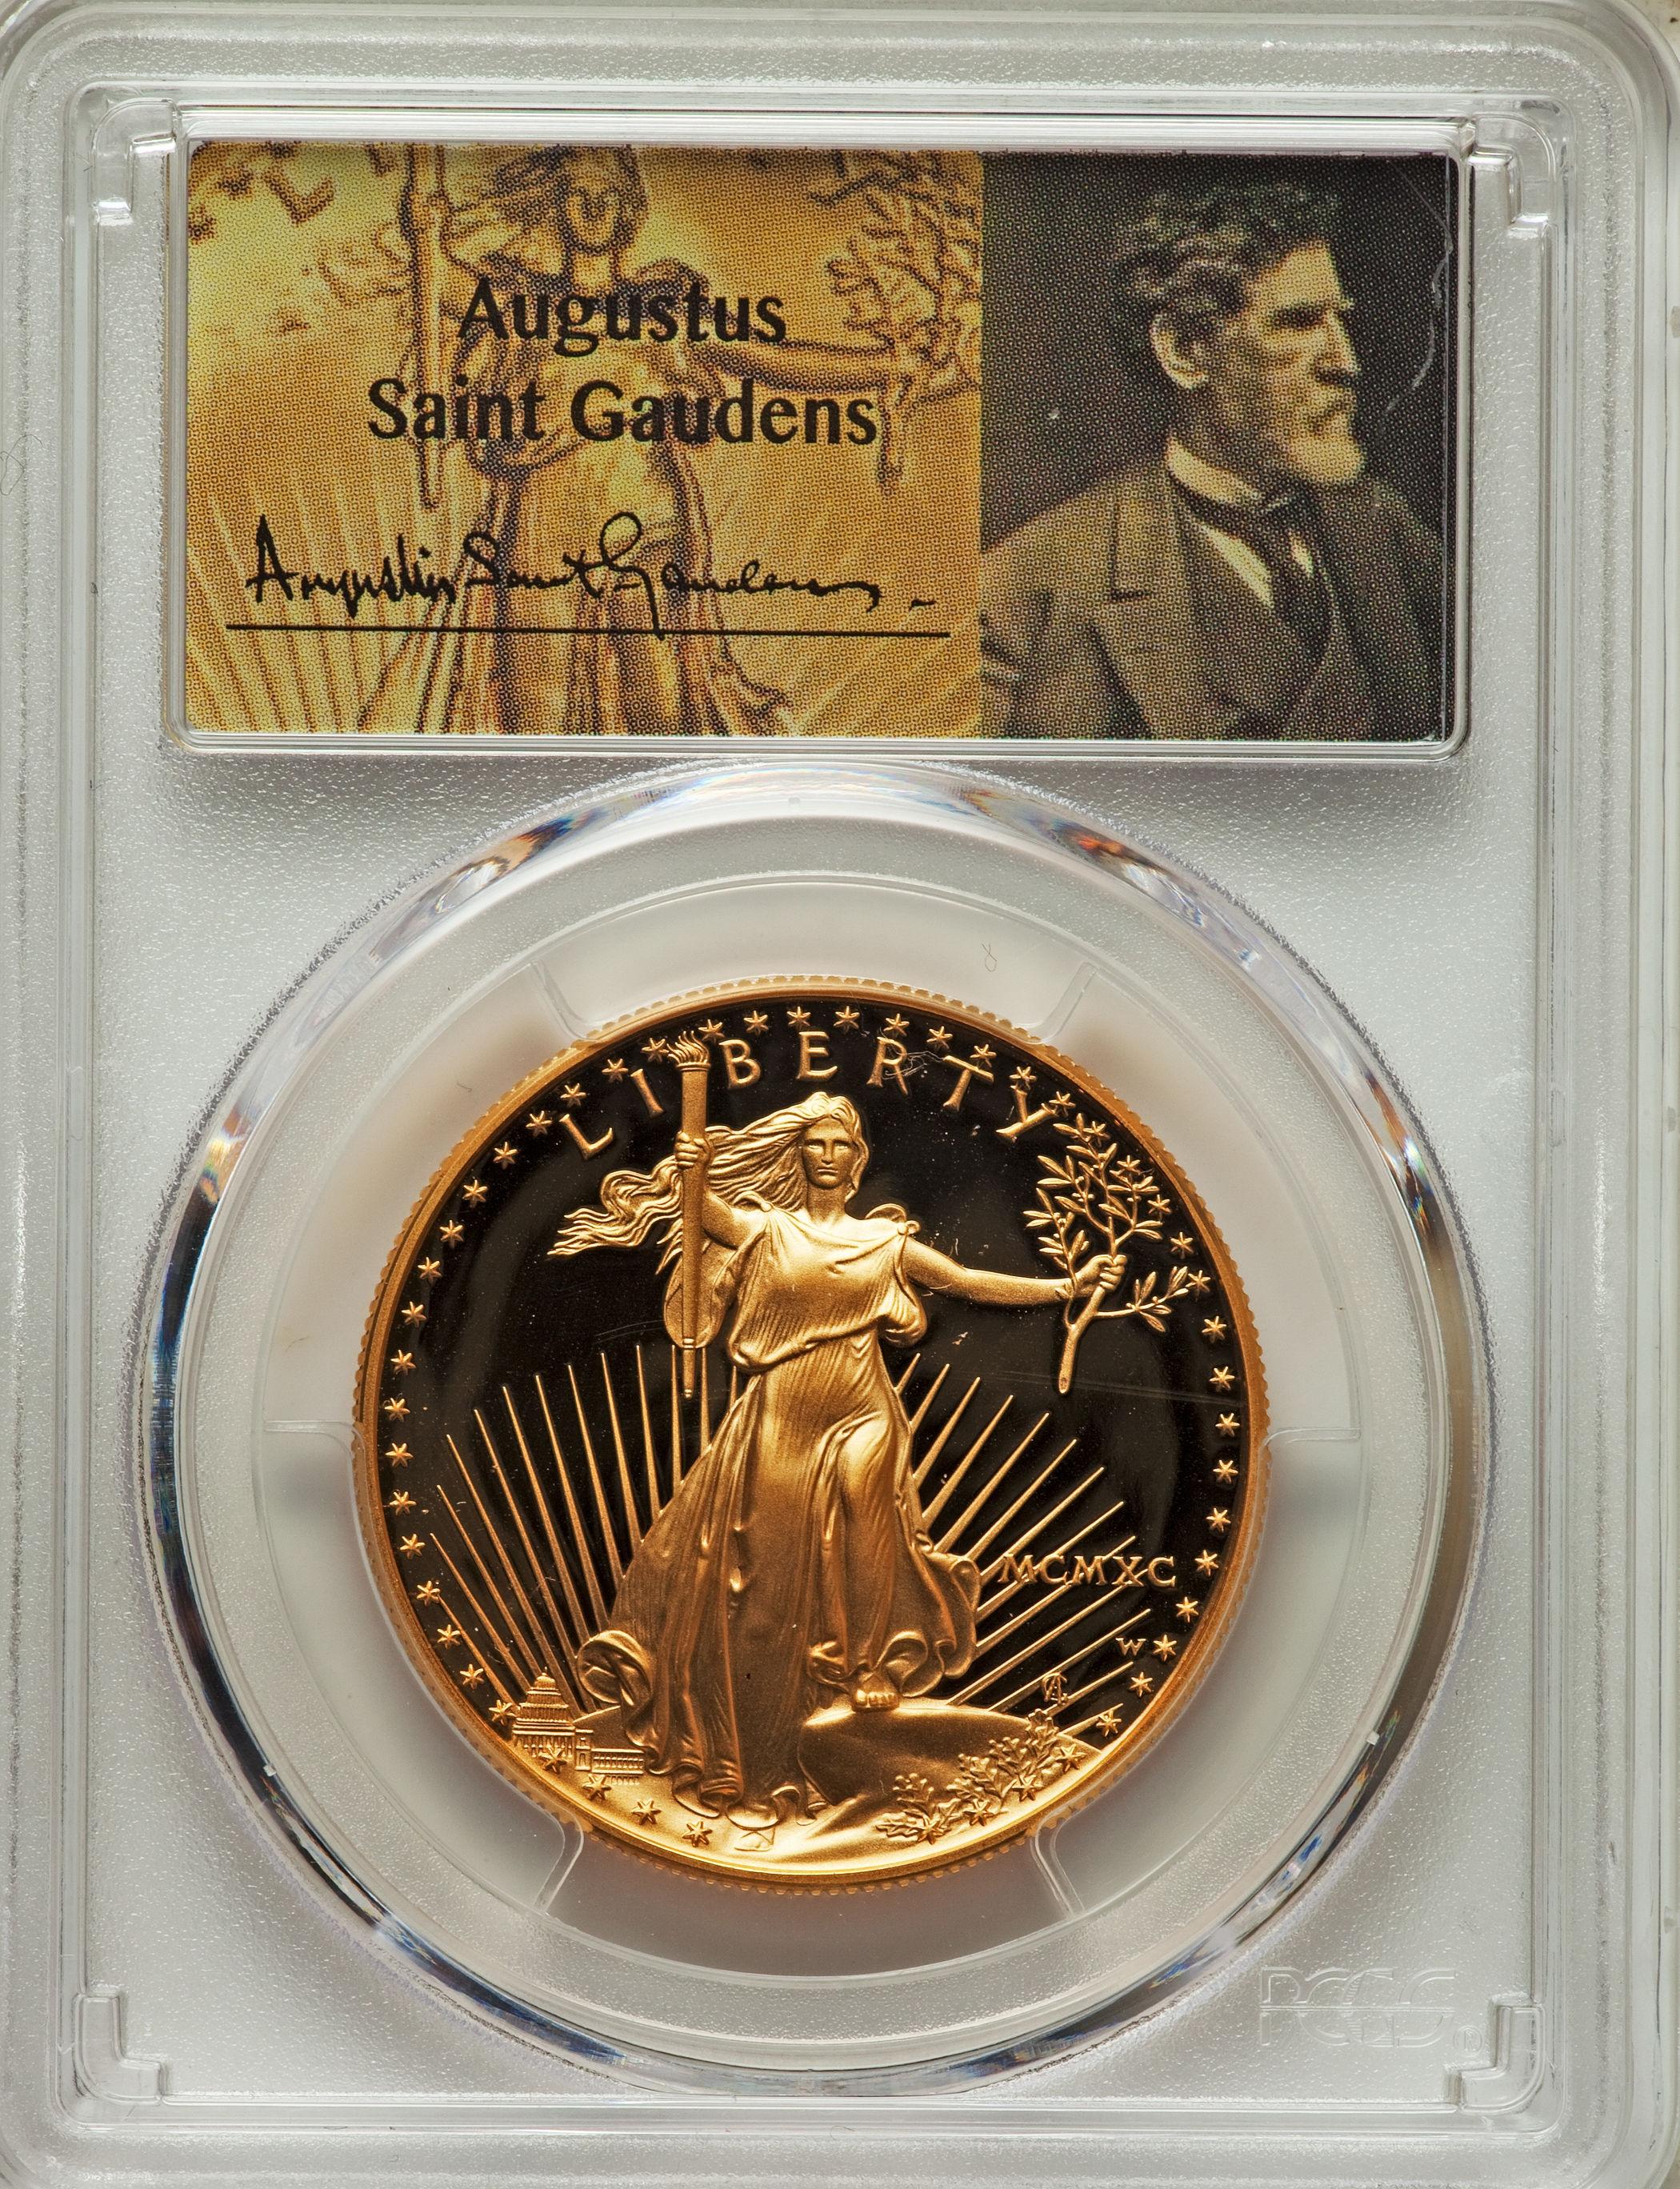 【動画あり】50ドル金貨 ゴールドイーグル 1990W GOLD EAGLE  $50 PCGS PR70DCAM セントゴーデンズサイン入り完全未使用